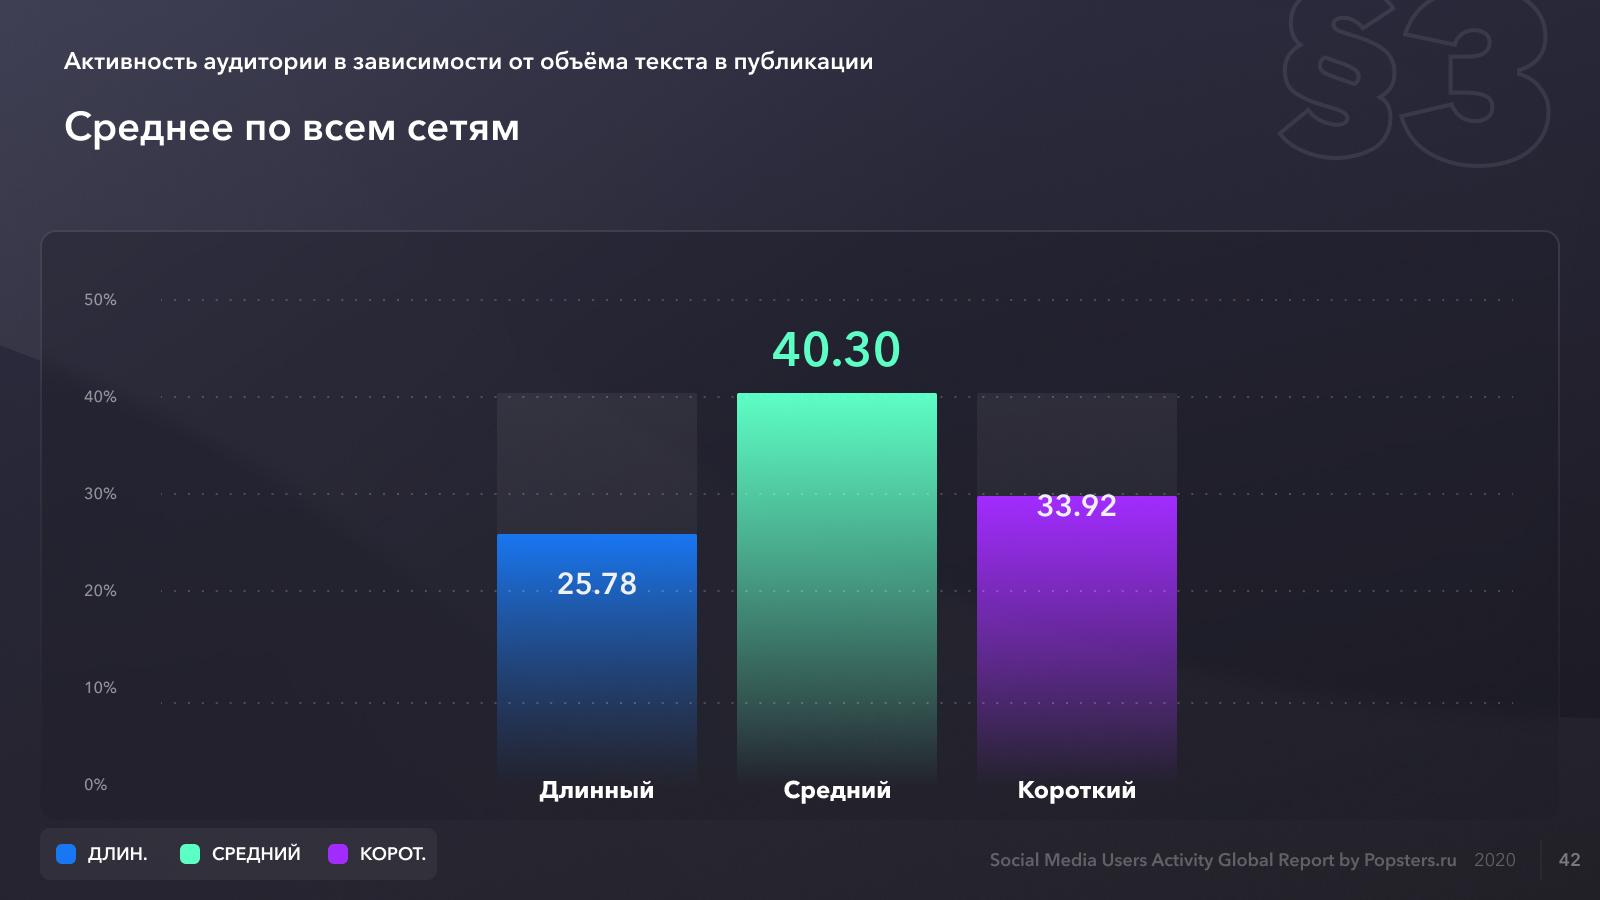 Средняя относительная активность всех социальных сетей по длине текста в постах